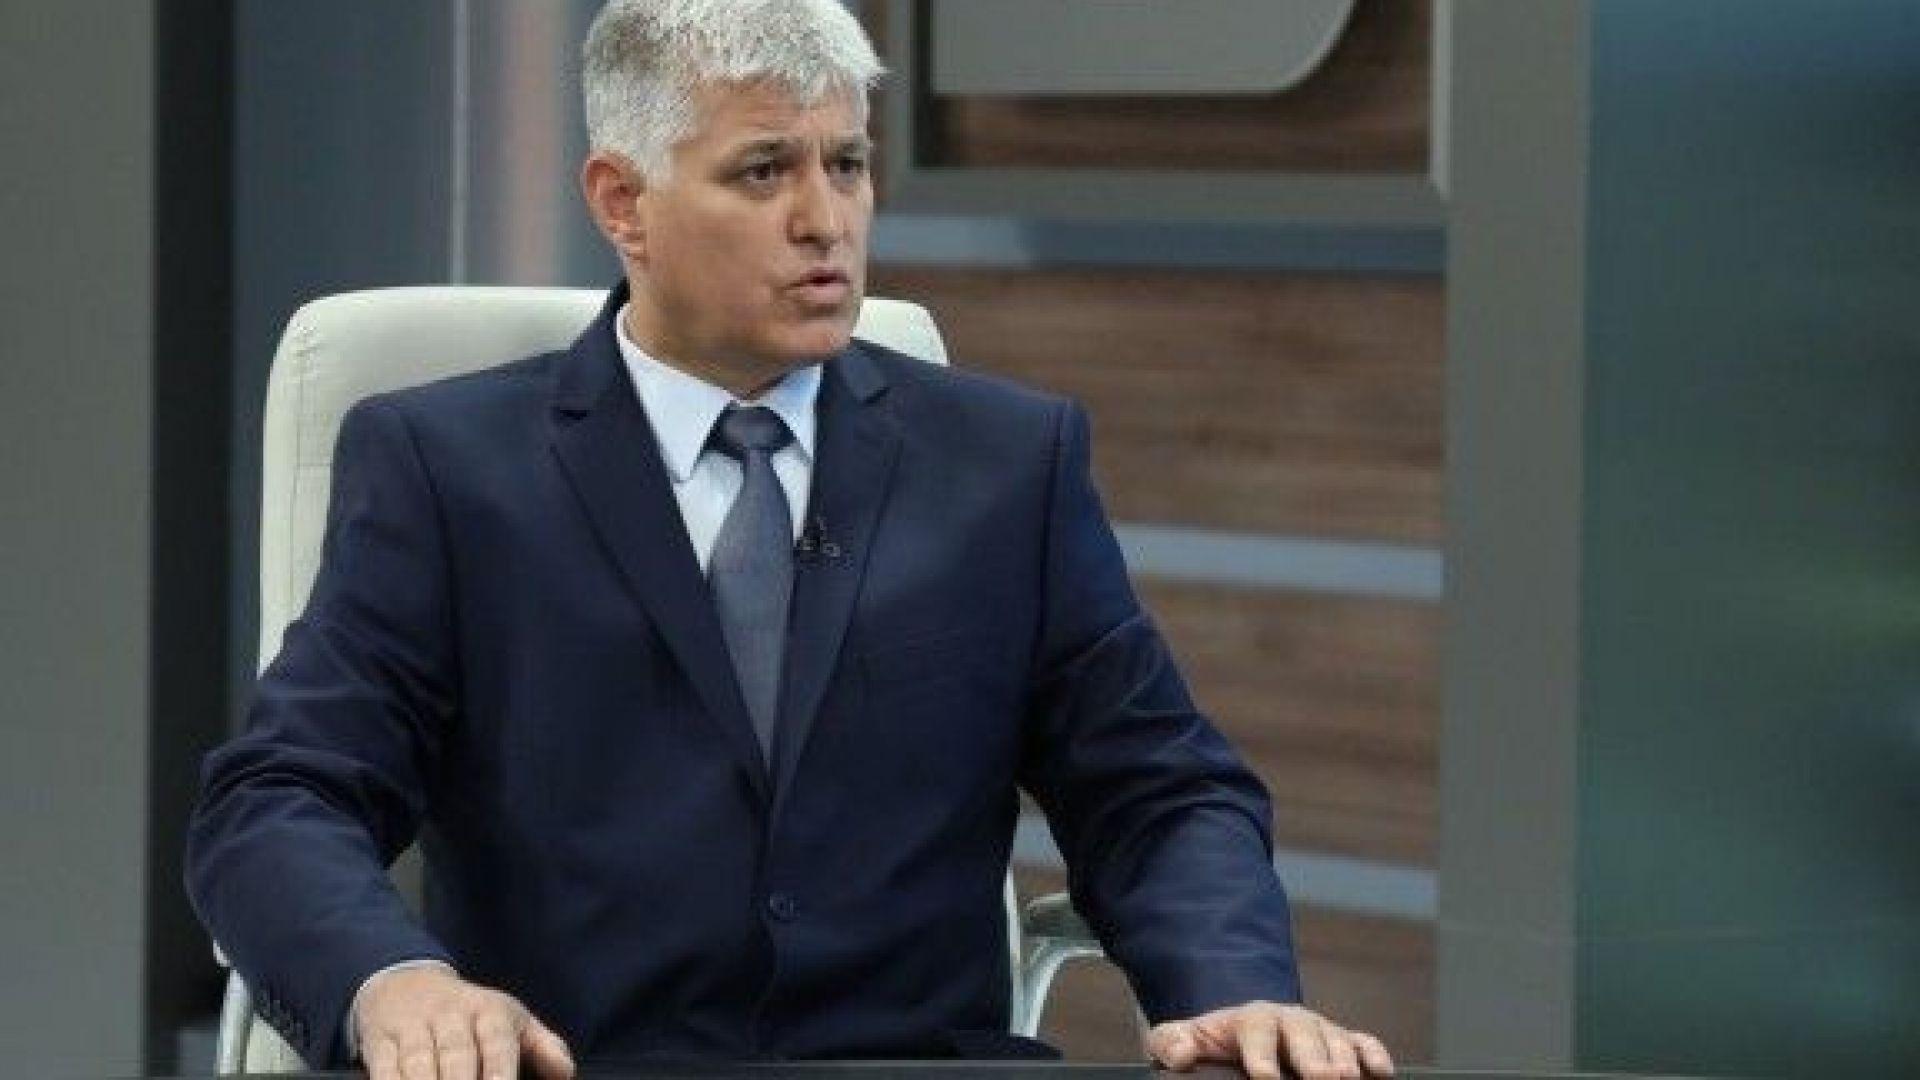 Димитър Стоянов : Класифицирани документи не са излизали по нерегламентиран начин от Президентството